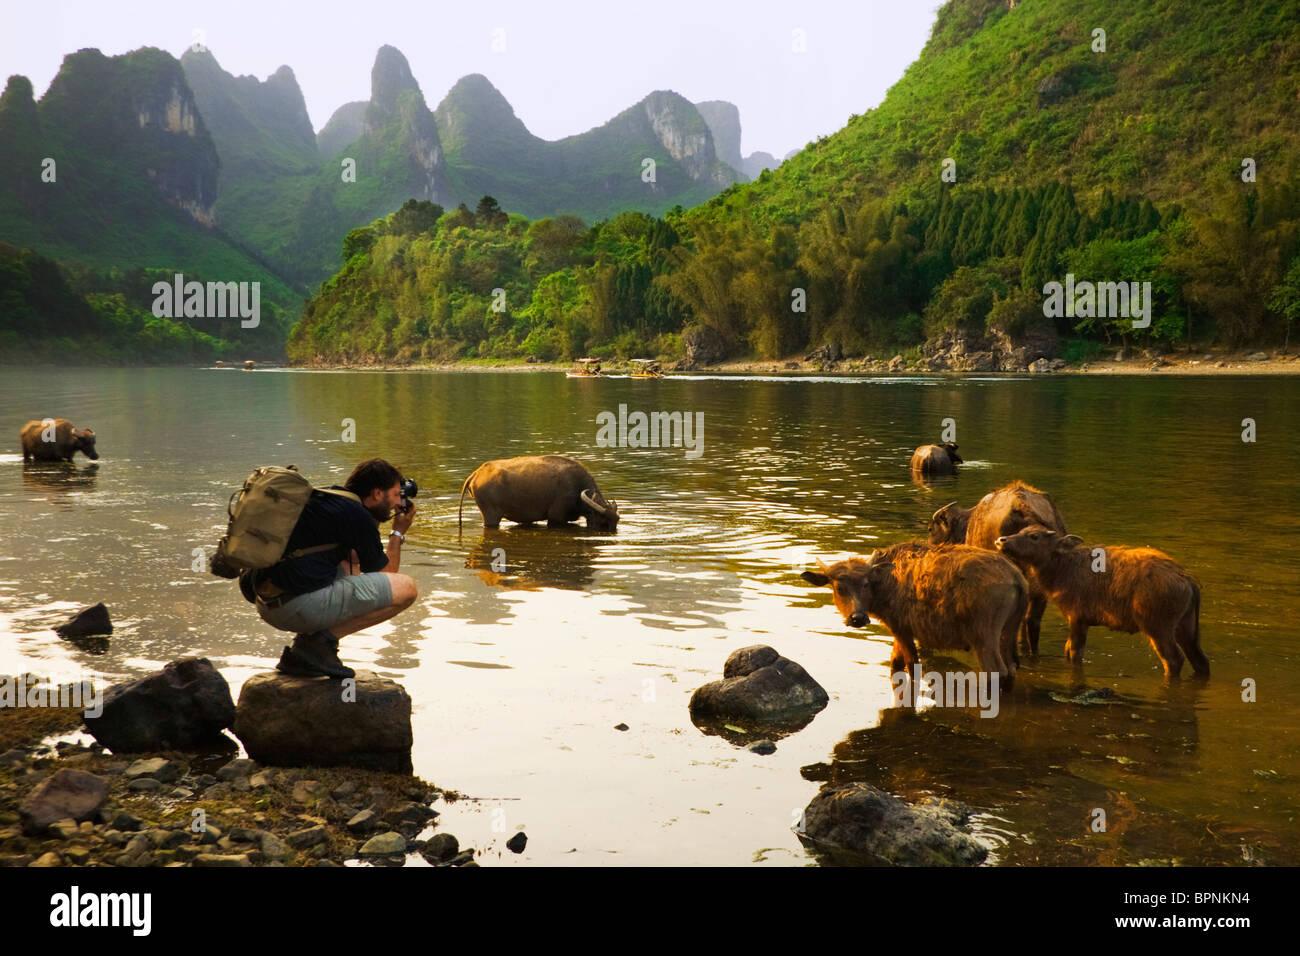 Ein Tourist nimmt ein Bild von einem Büffel in Yangshuo, Provinz Guangxi, China. Asien Stockbild